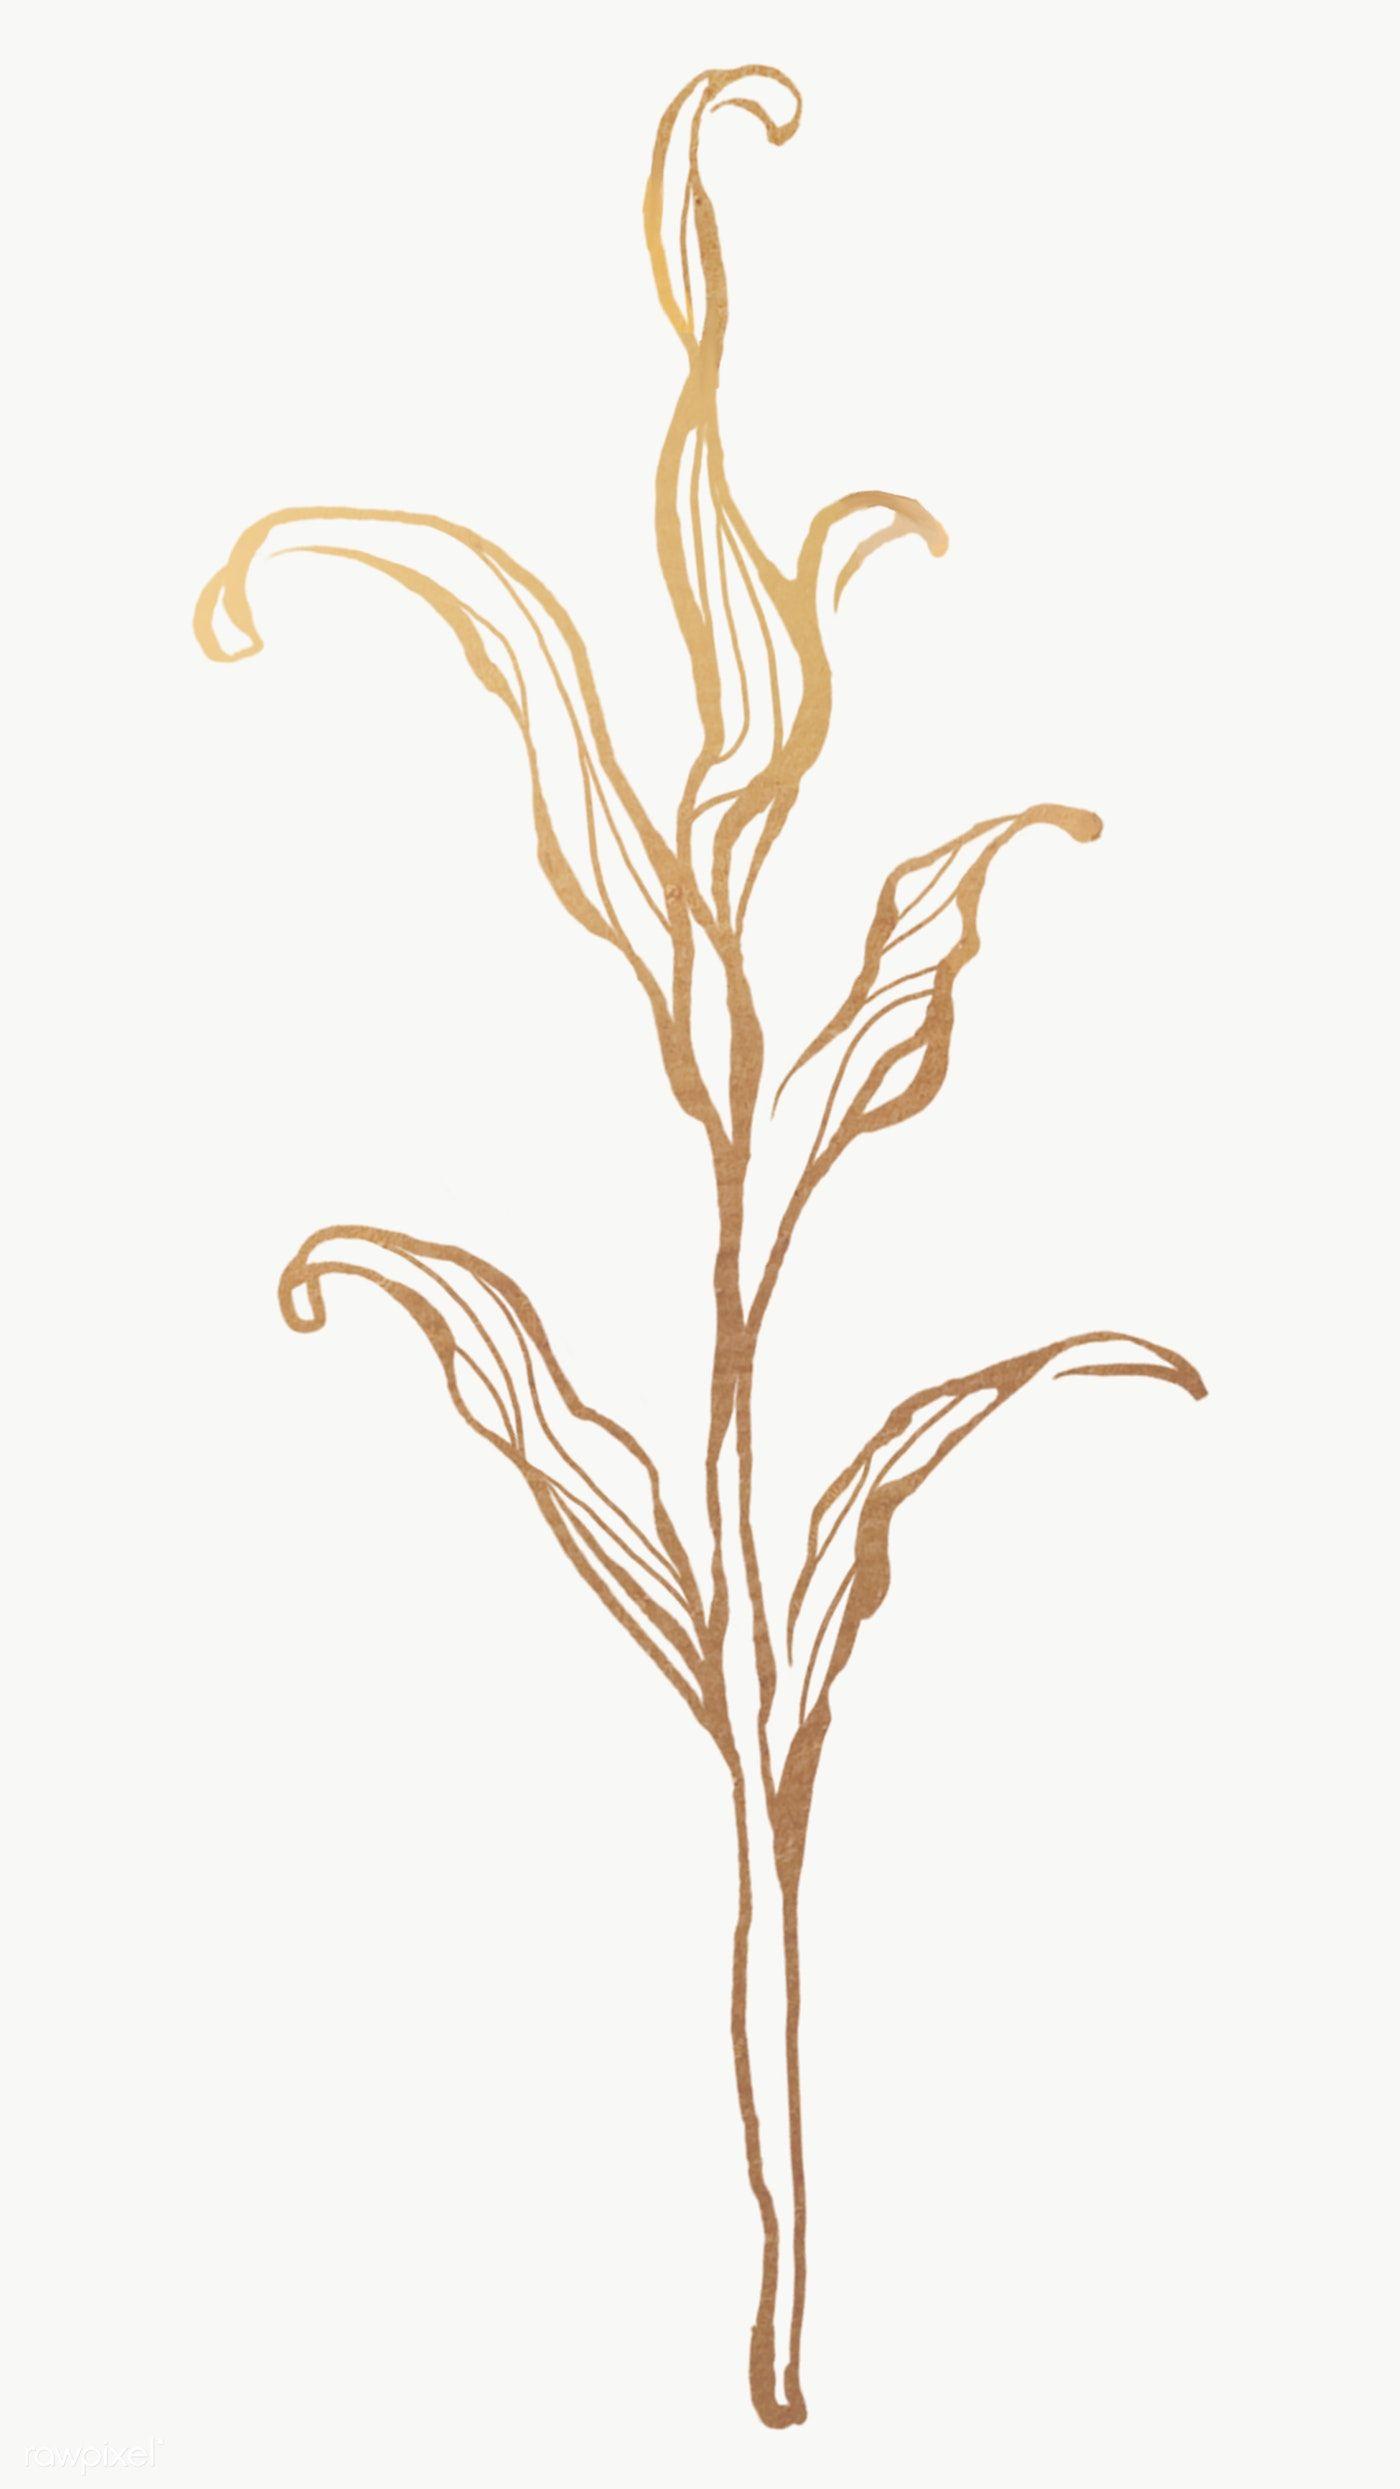 Gold Leaves Outline Transparent Png Premium Image By Rawpixel Com Nunny Leaf Outline Gold Leaf Painting Leaf Drawing